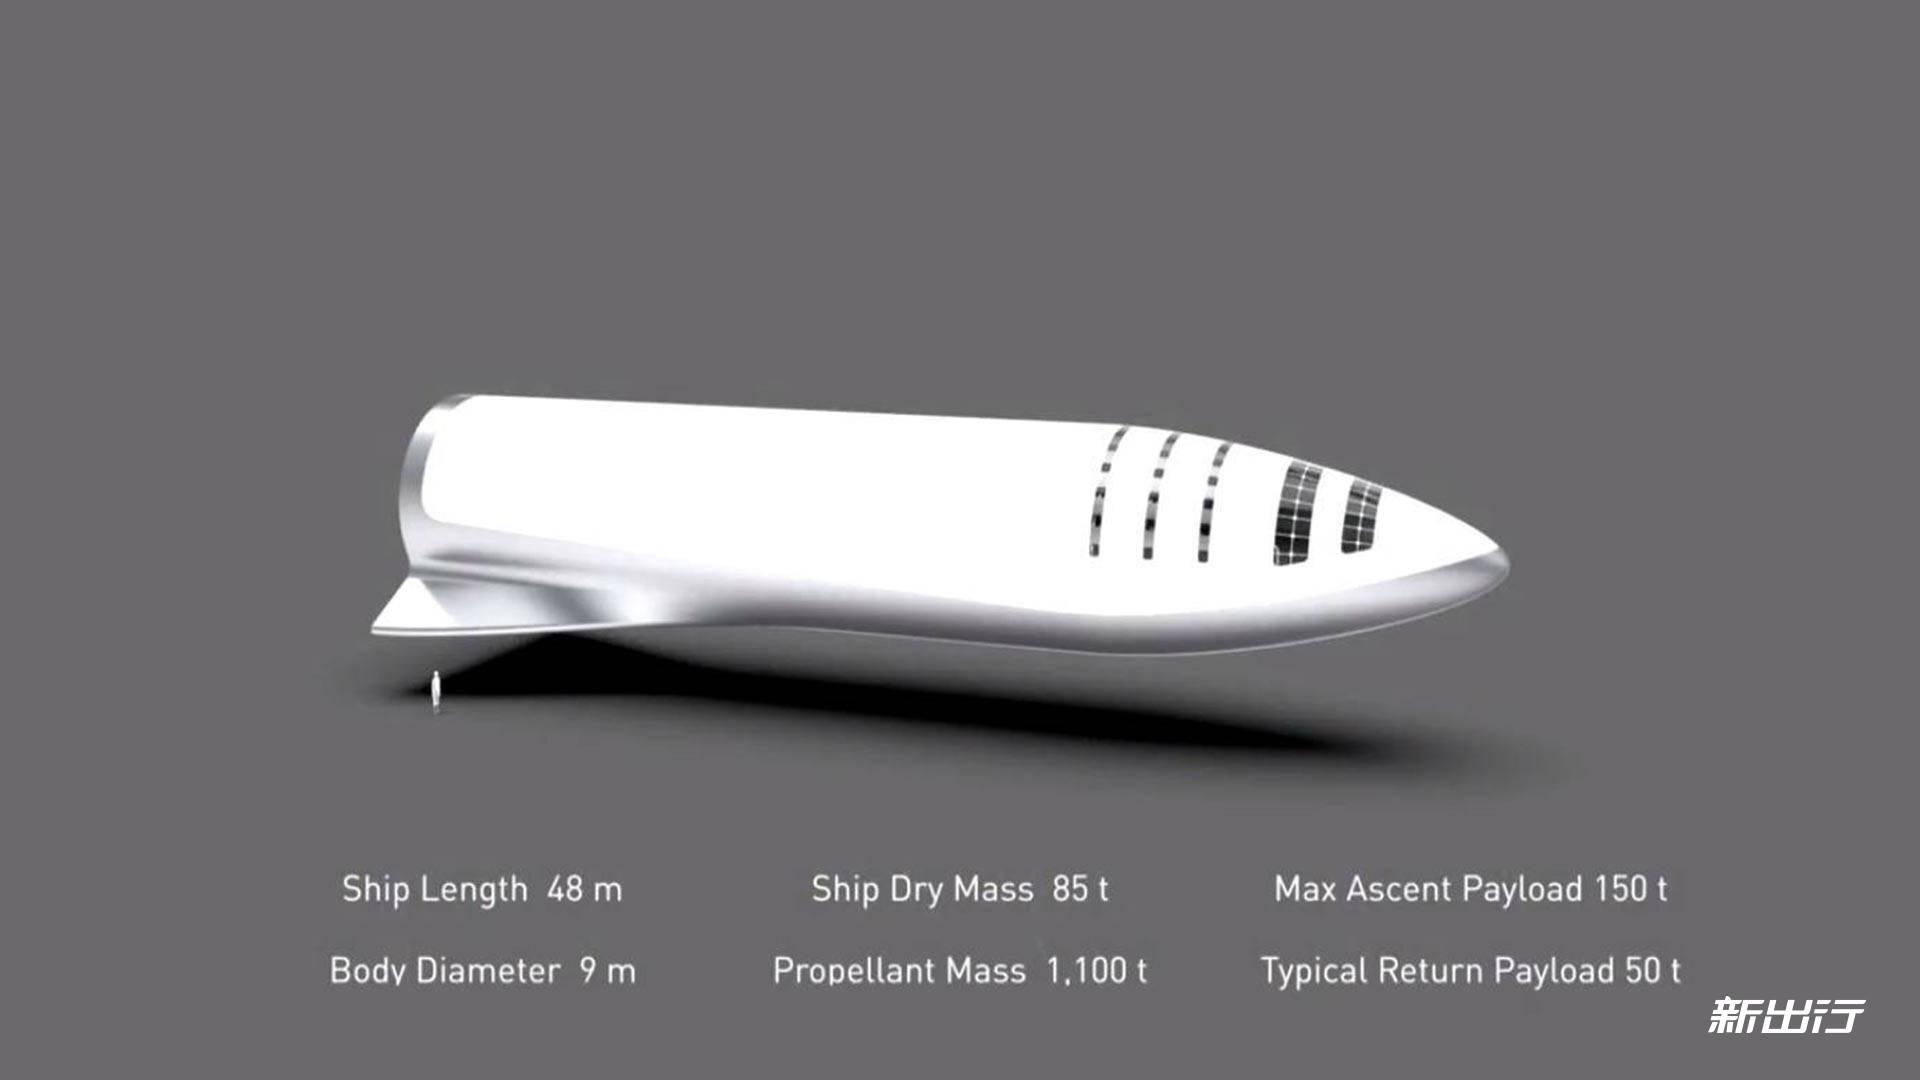 spacex星际飞船图片